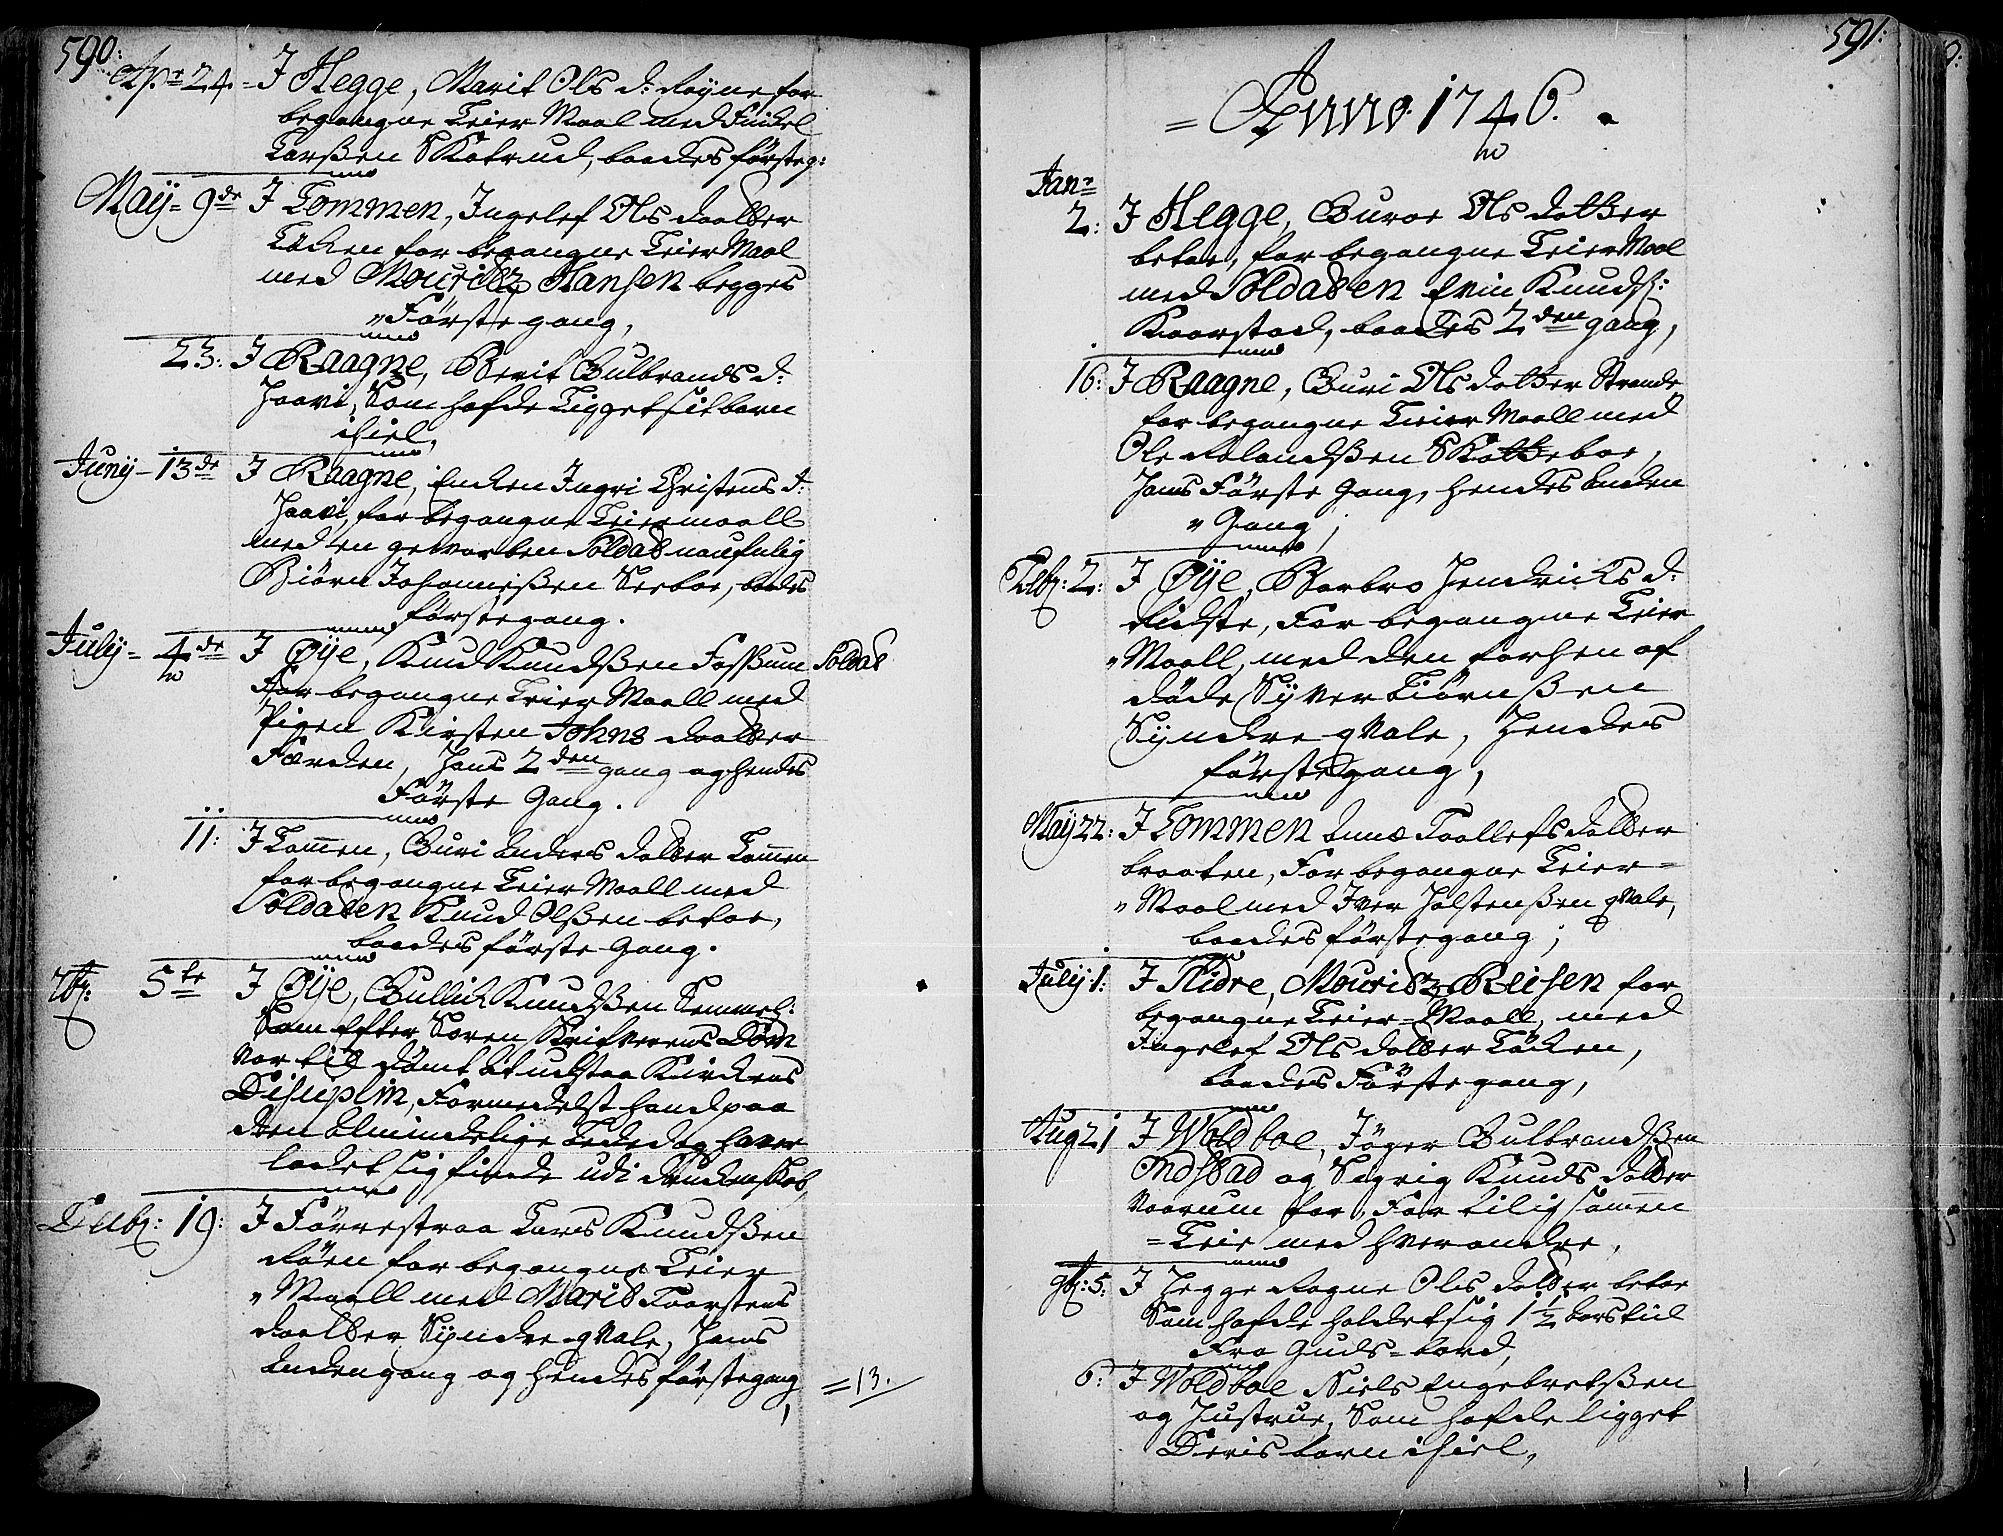 SAH, Slidre prestekontor, Ministerialbok nr. 1, 1724-1814, s. 590-591